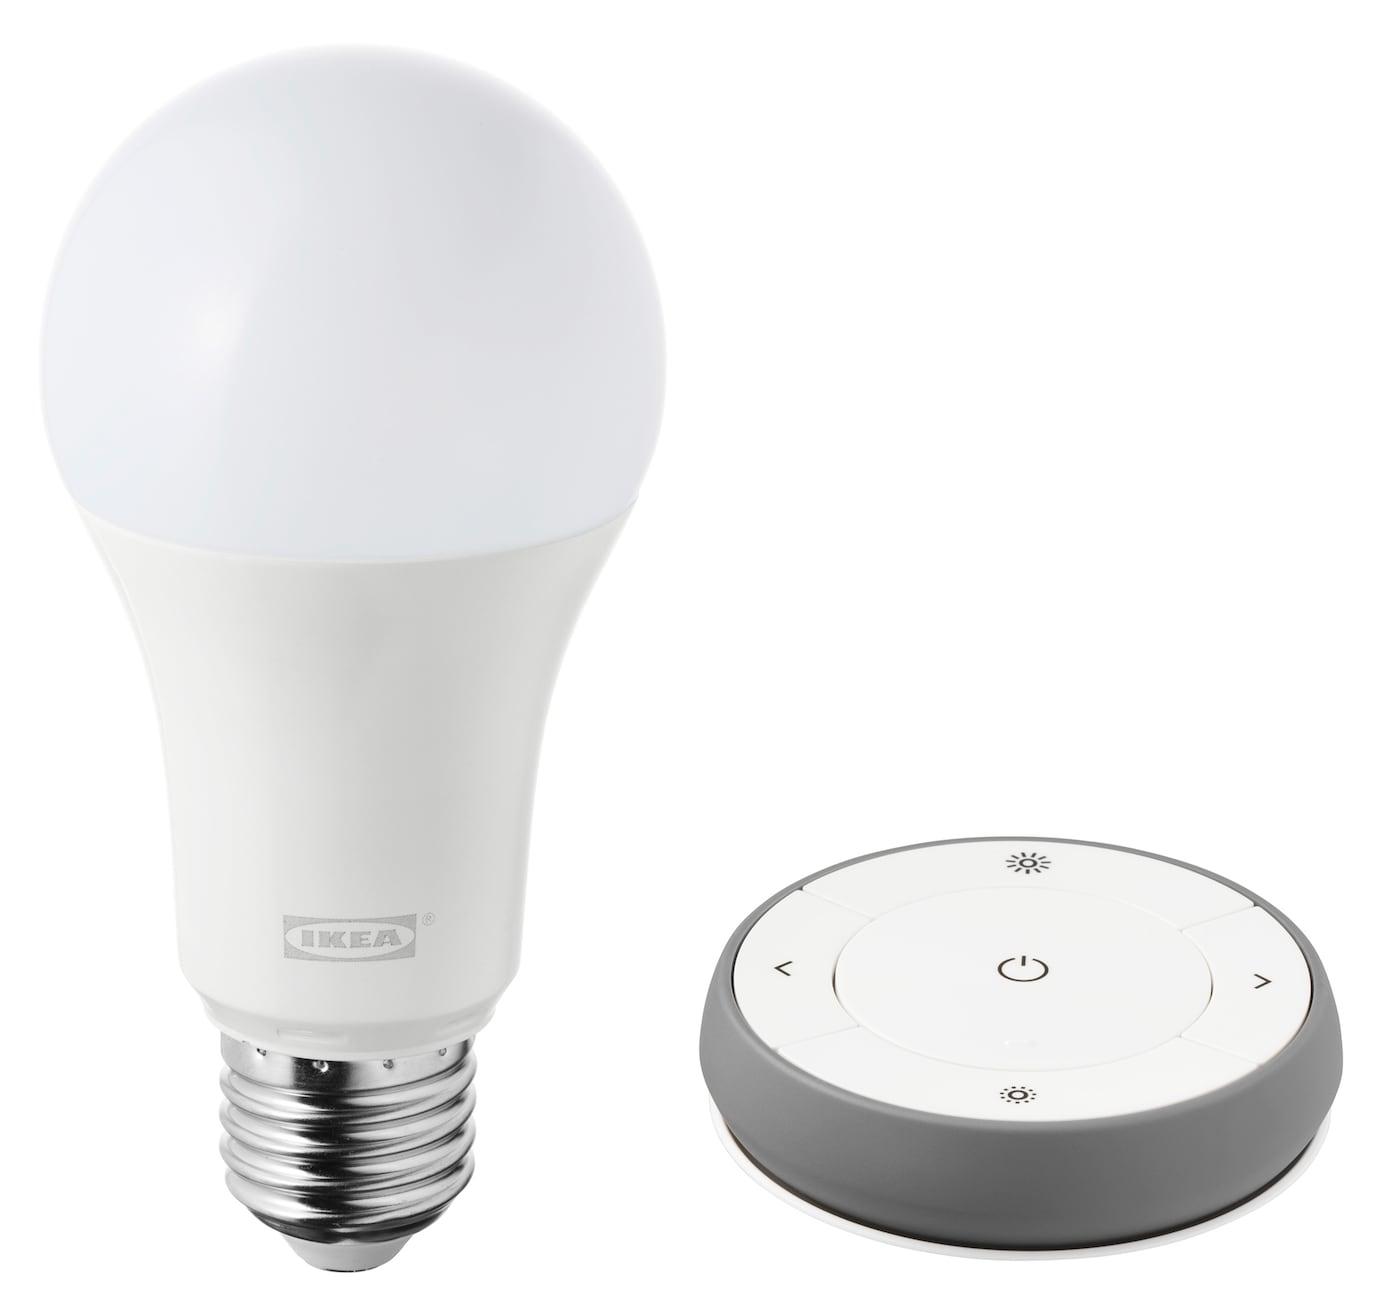 Sada TRÅDFRI na stmívání s LED žárovkou a dálkovým ovládáním